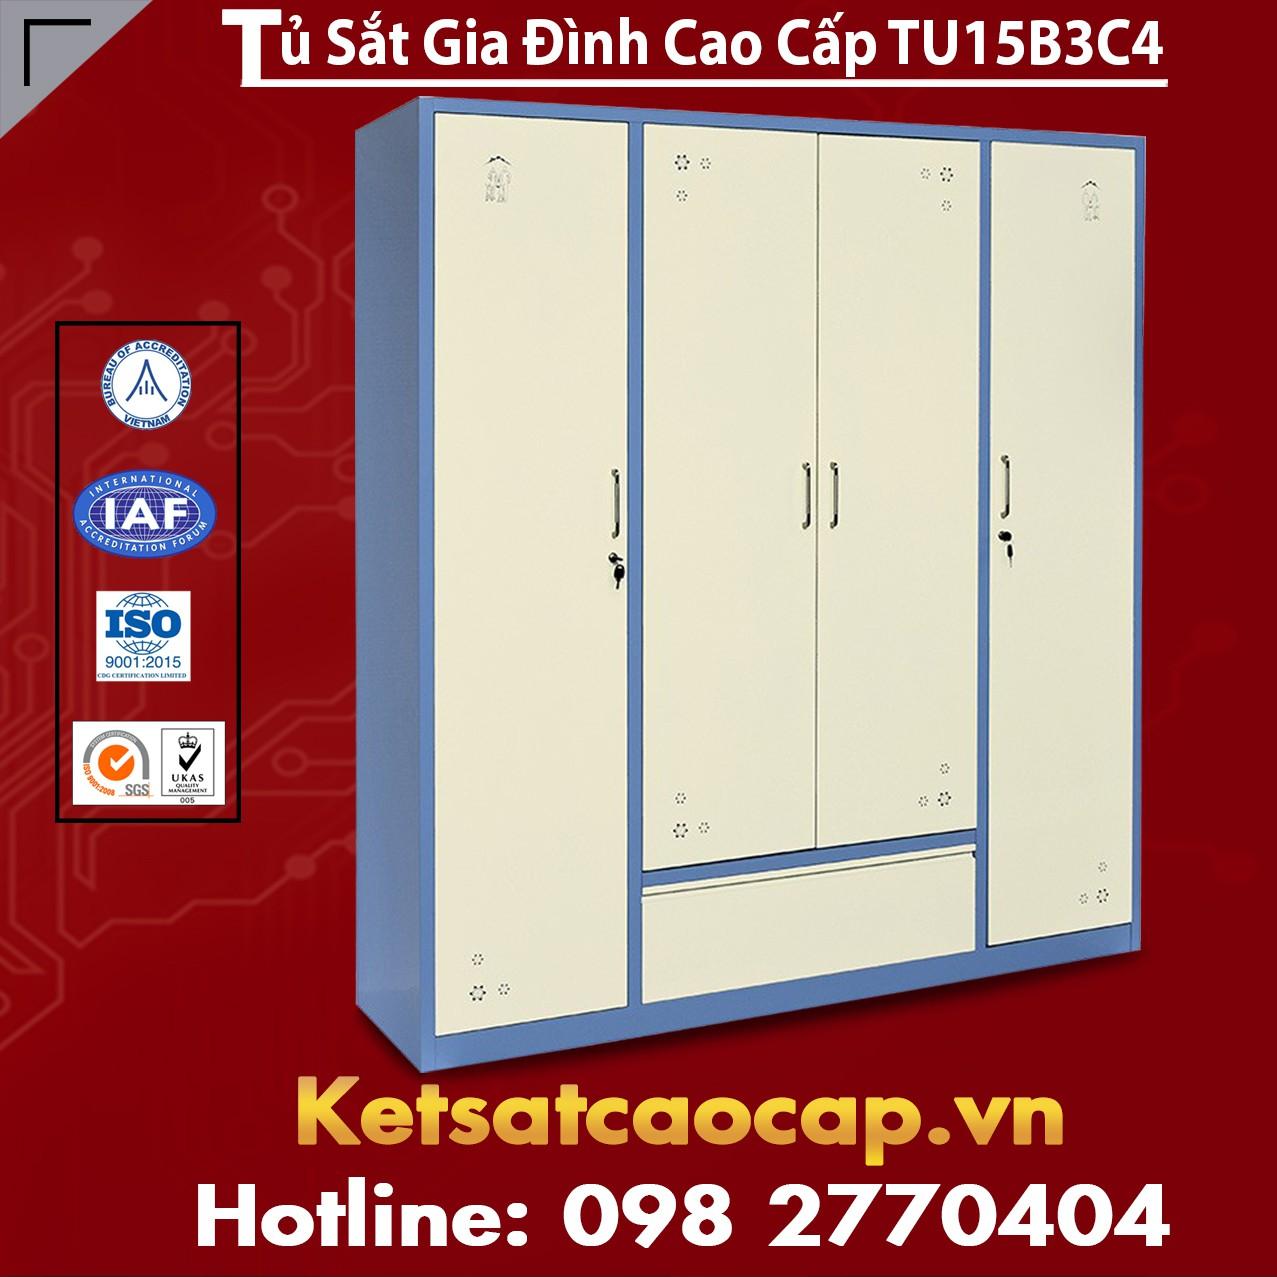 Tủ Sắt Gia Đình TU15B3C4